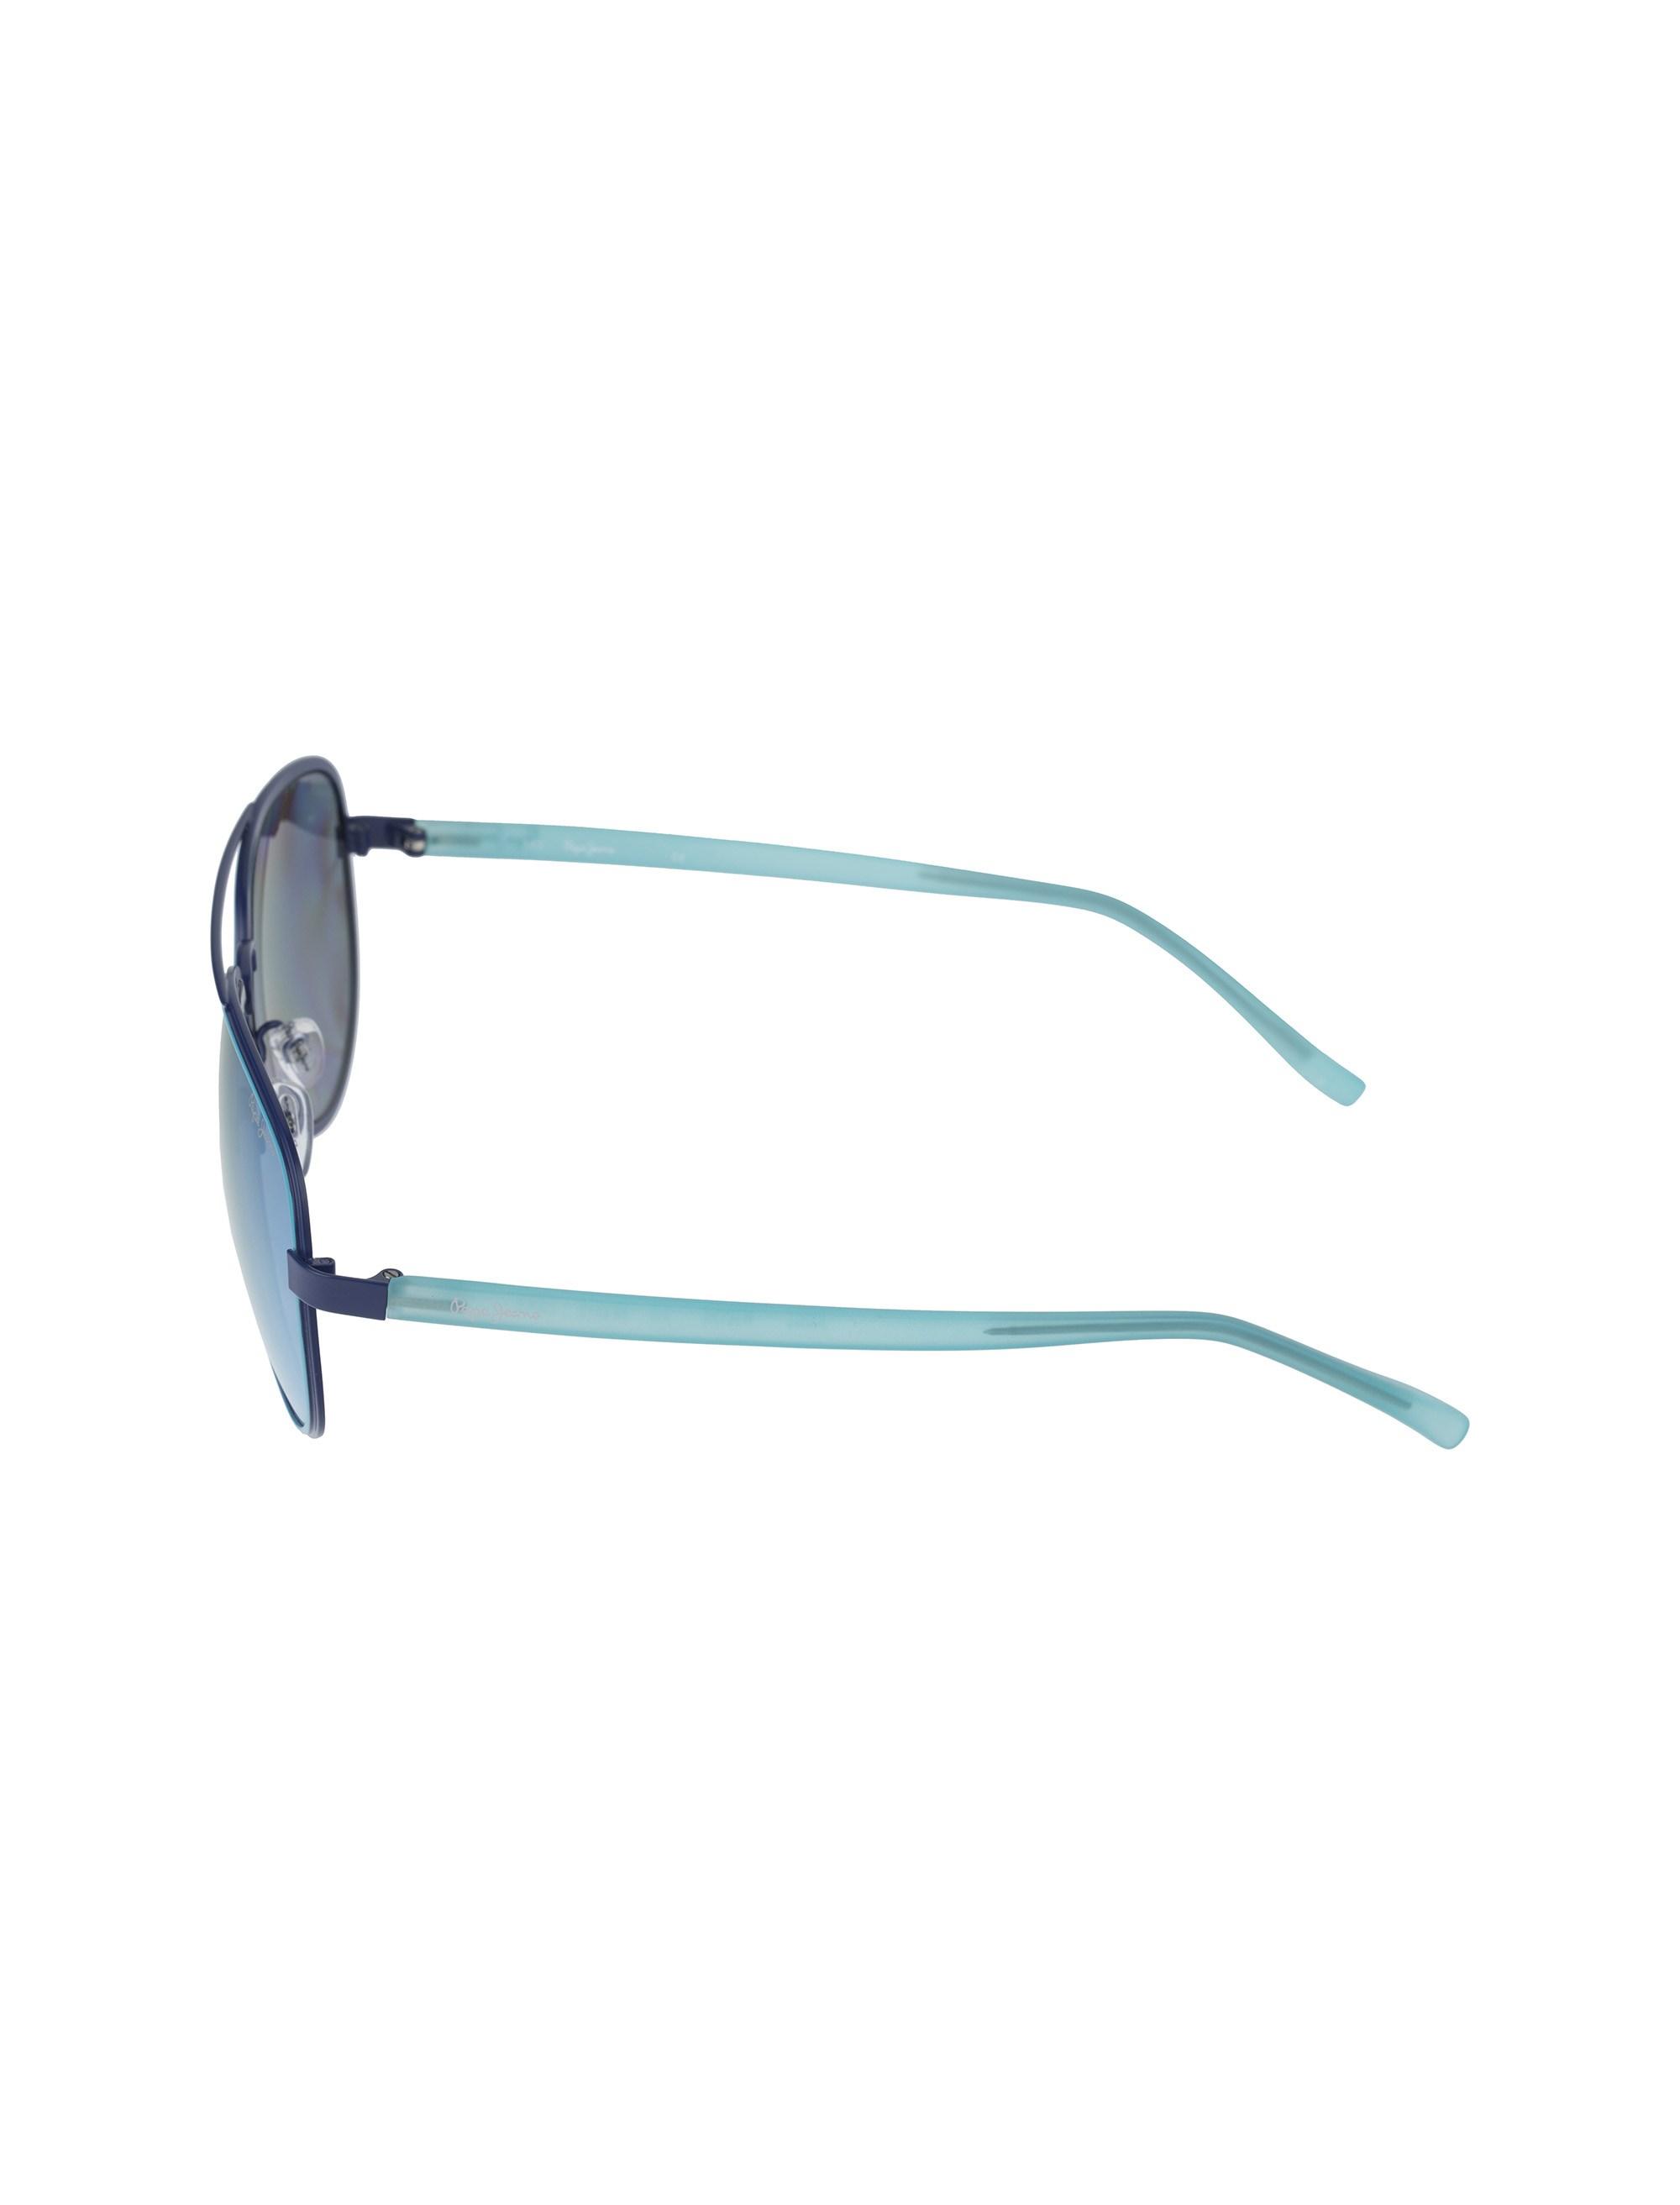 عینک آفتابی خلبانی زنانه - آبي روشن - 3